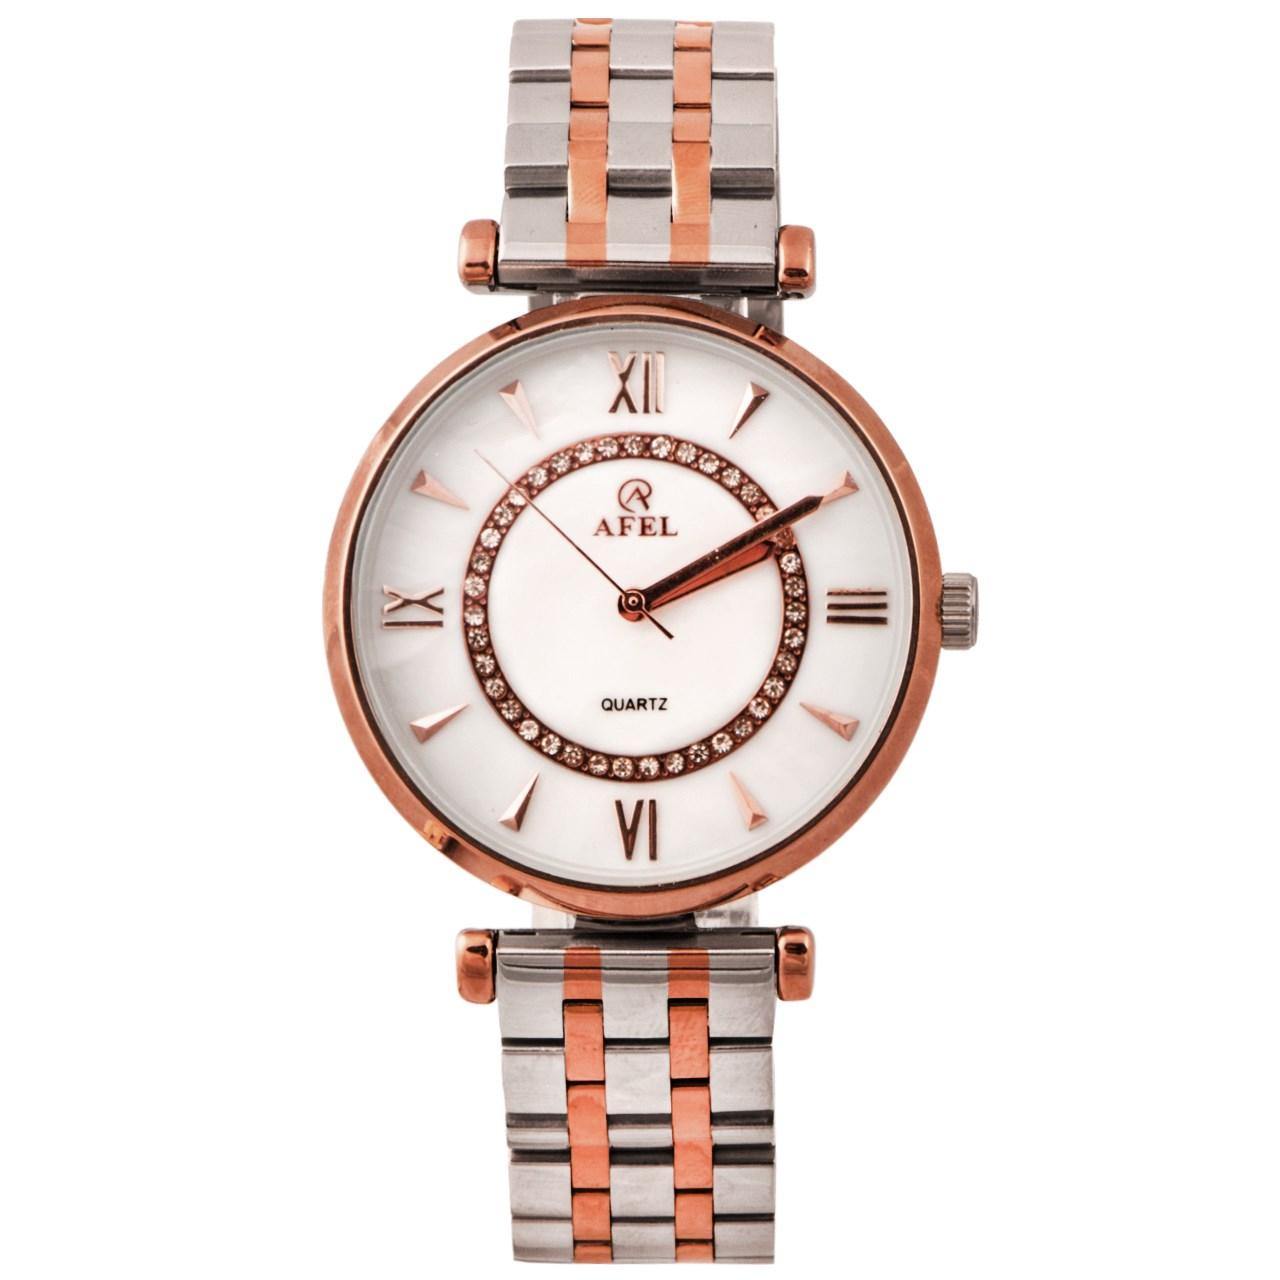 ساعت مچی عقربه ای زنانه آفل مدل 1049